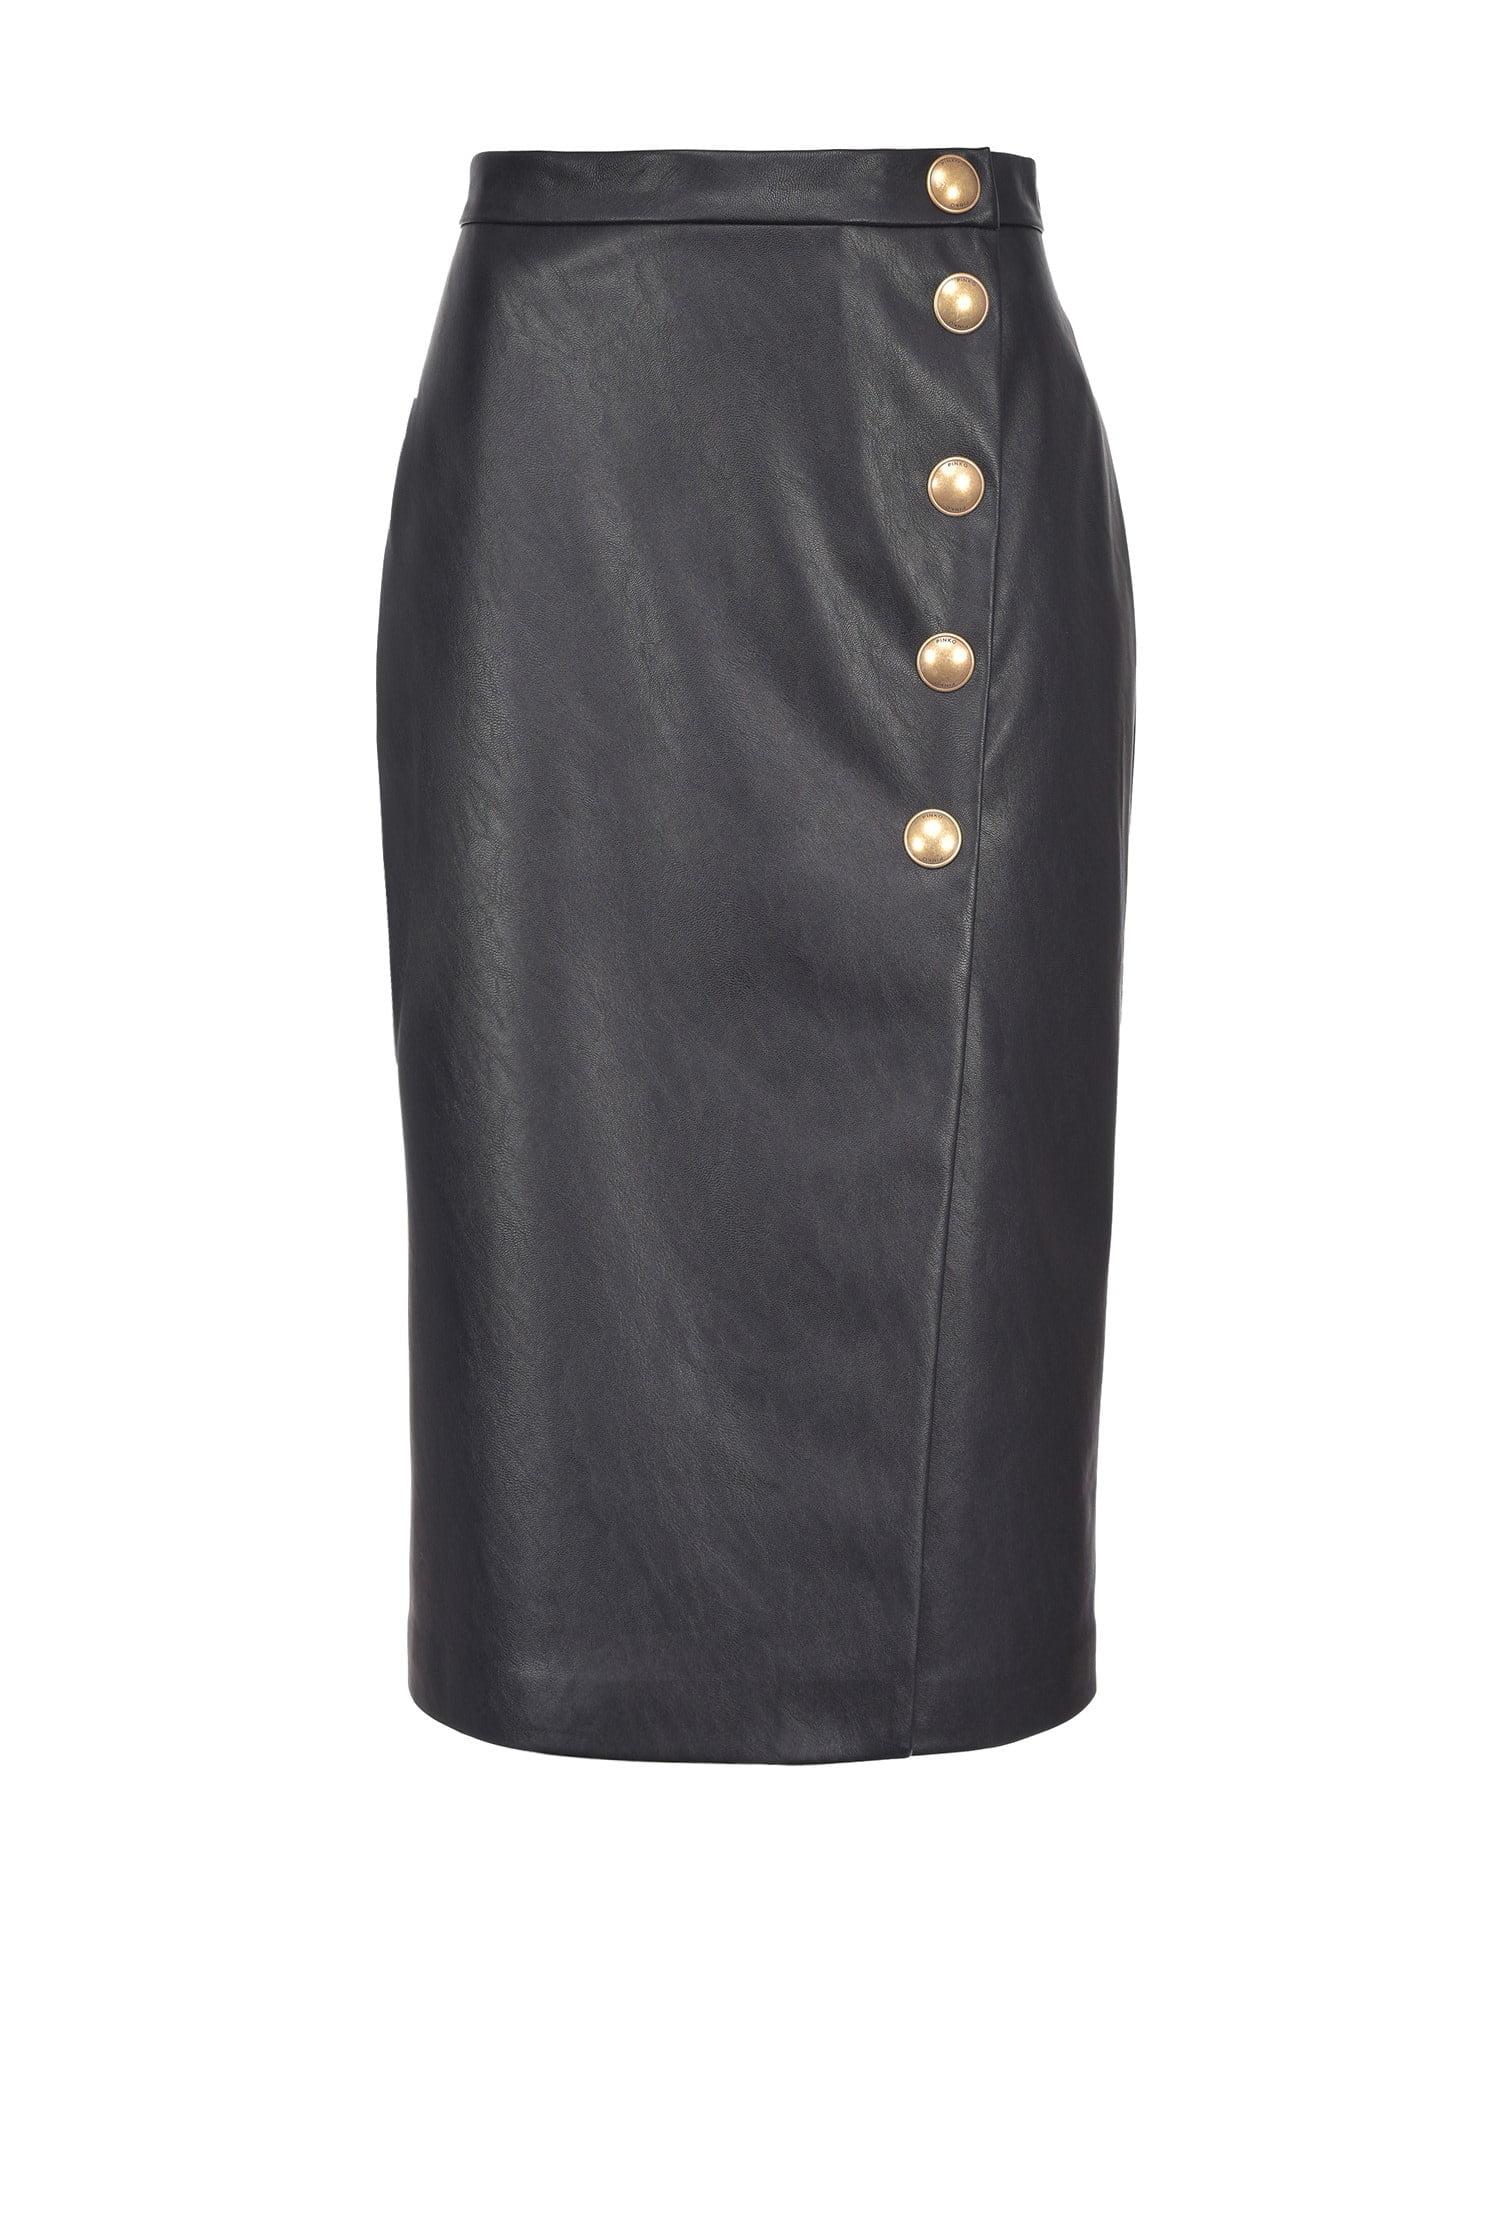 Leather-look Mid-Calf Skirt Black